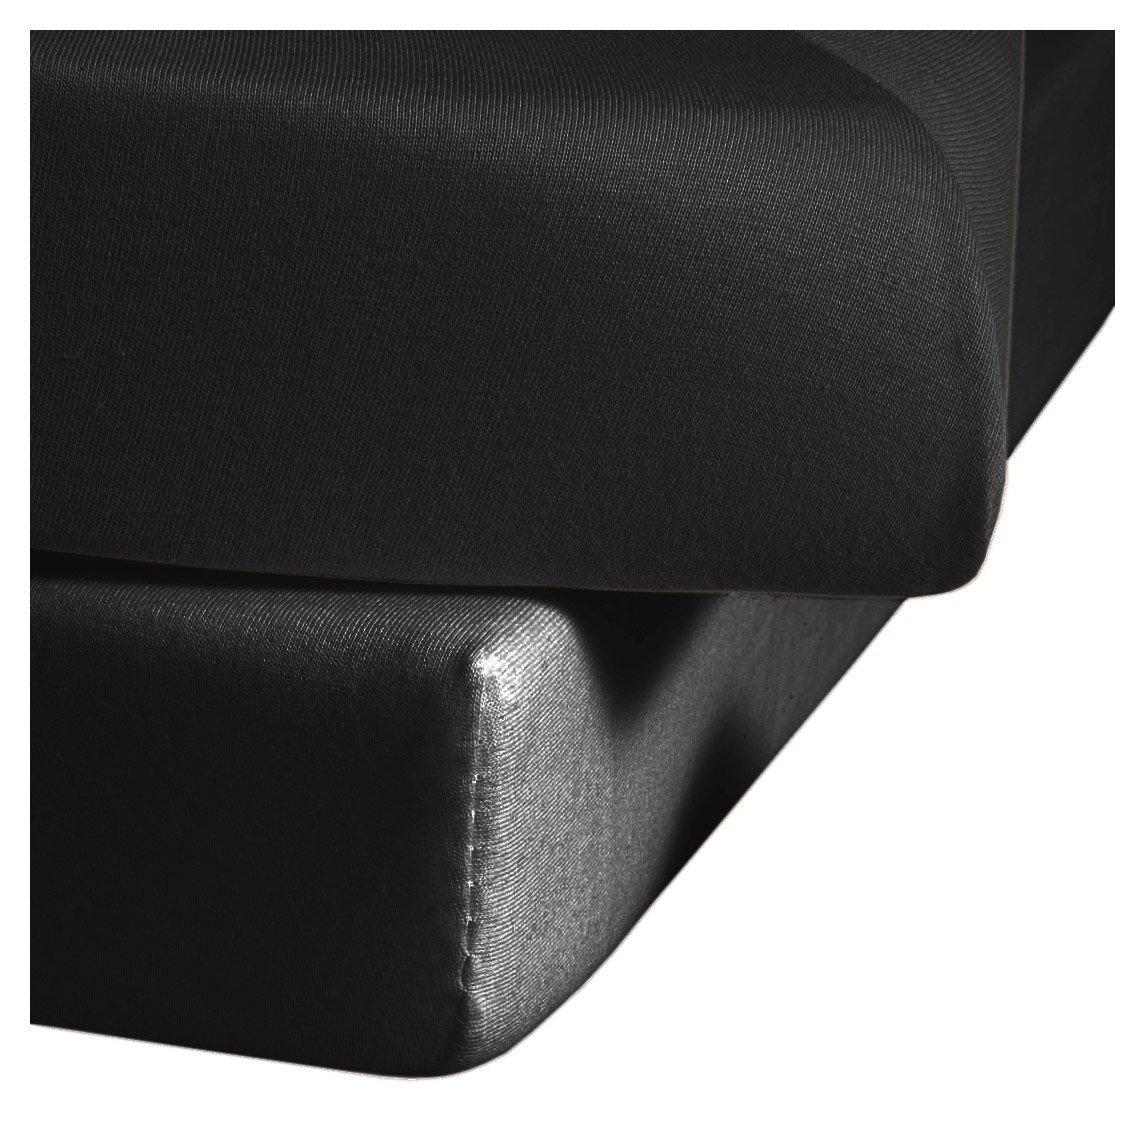 Fleuresse 1115-941 - Sá bana bajera de algodó n (150 x 200 cm), color negro 4043202102925